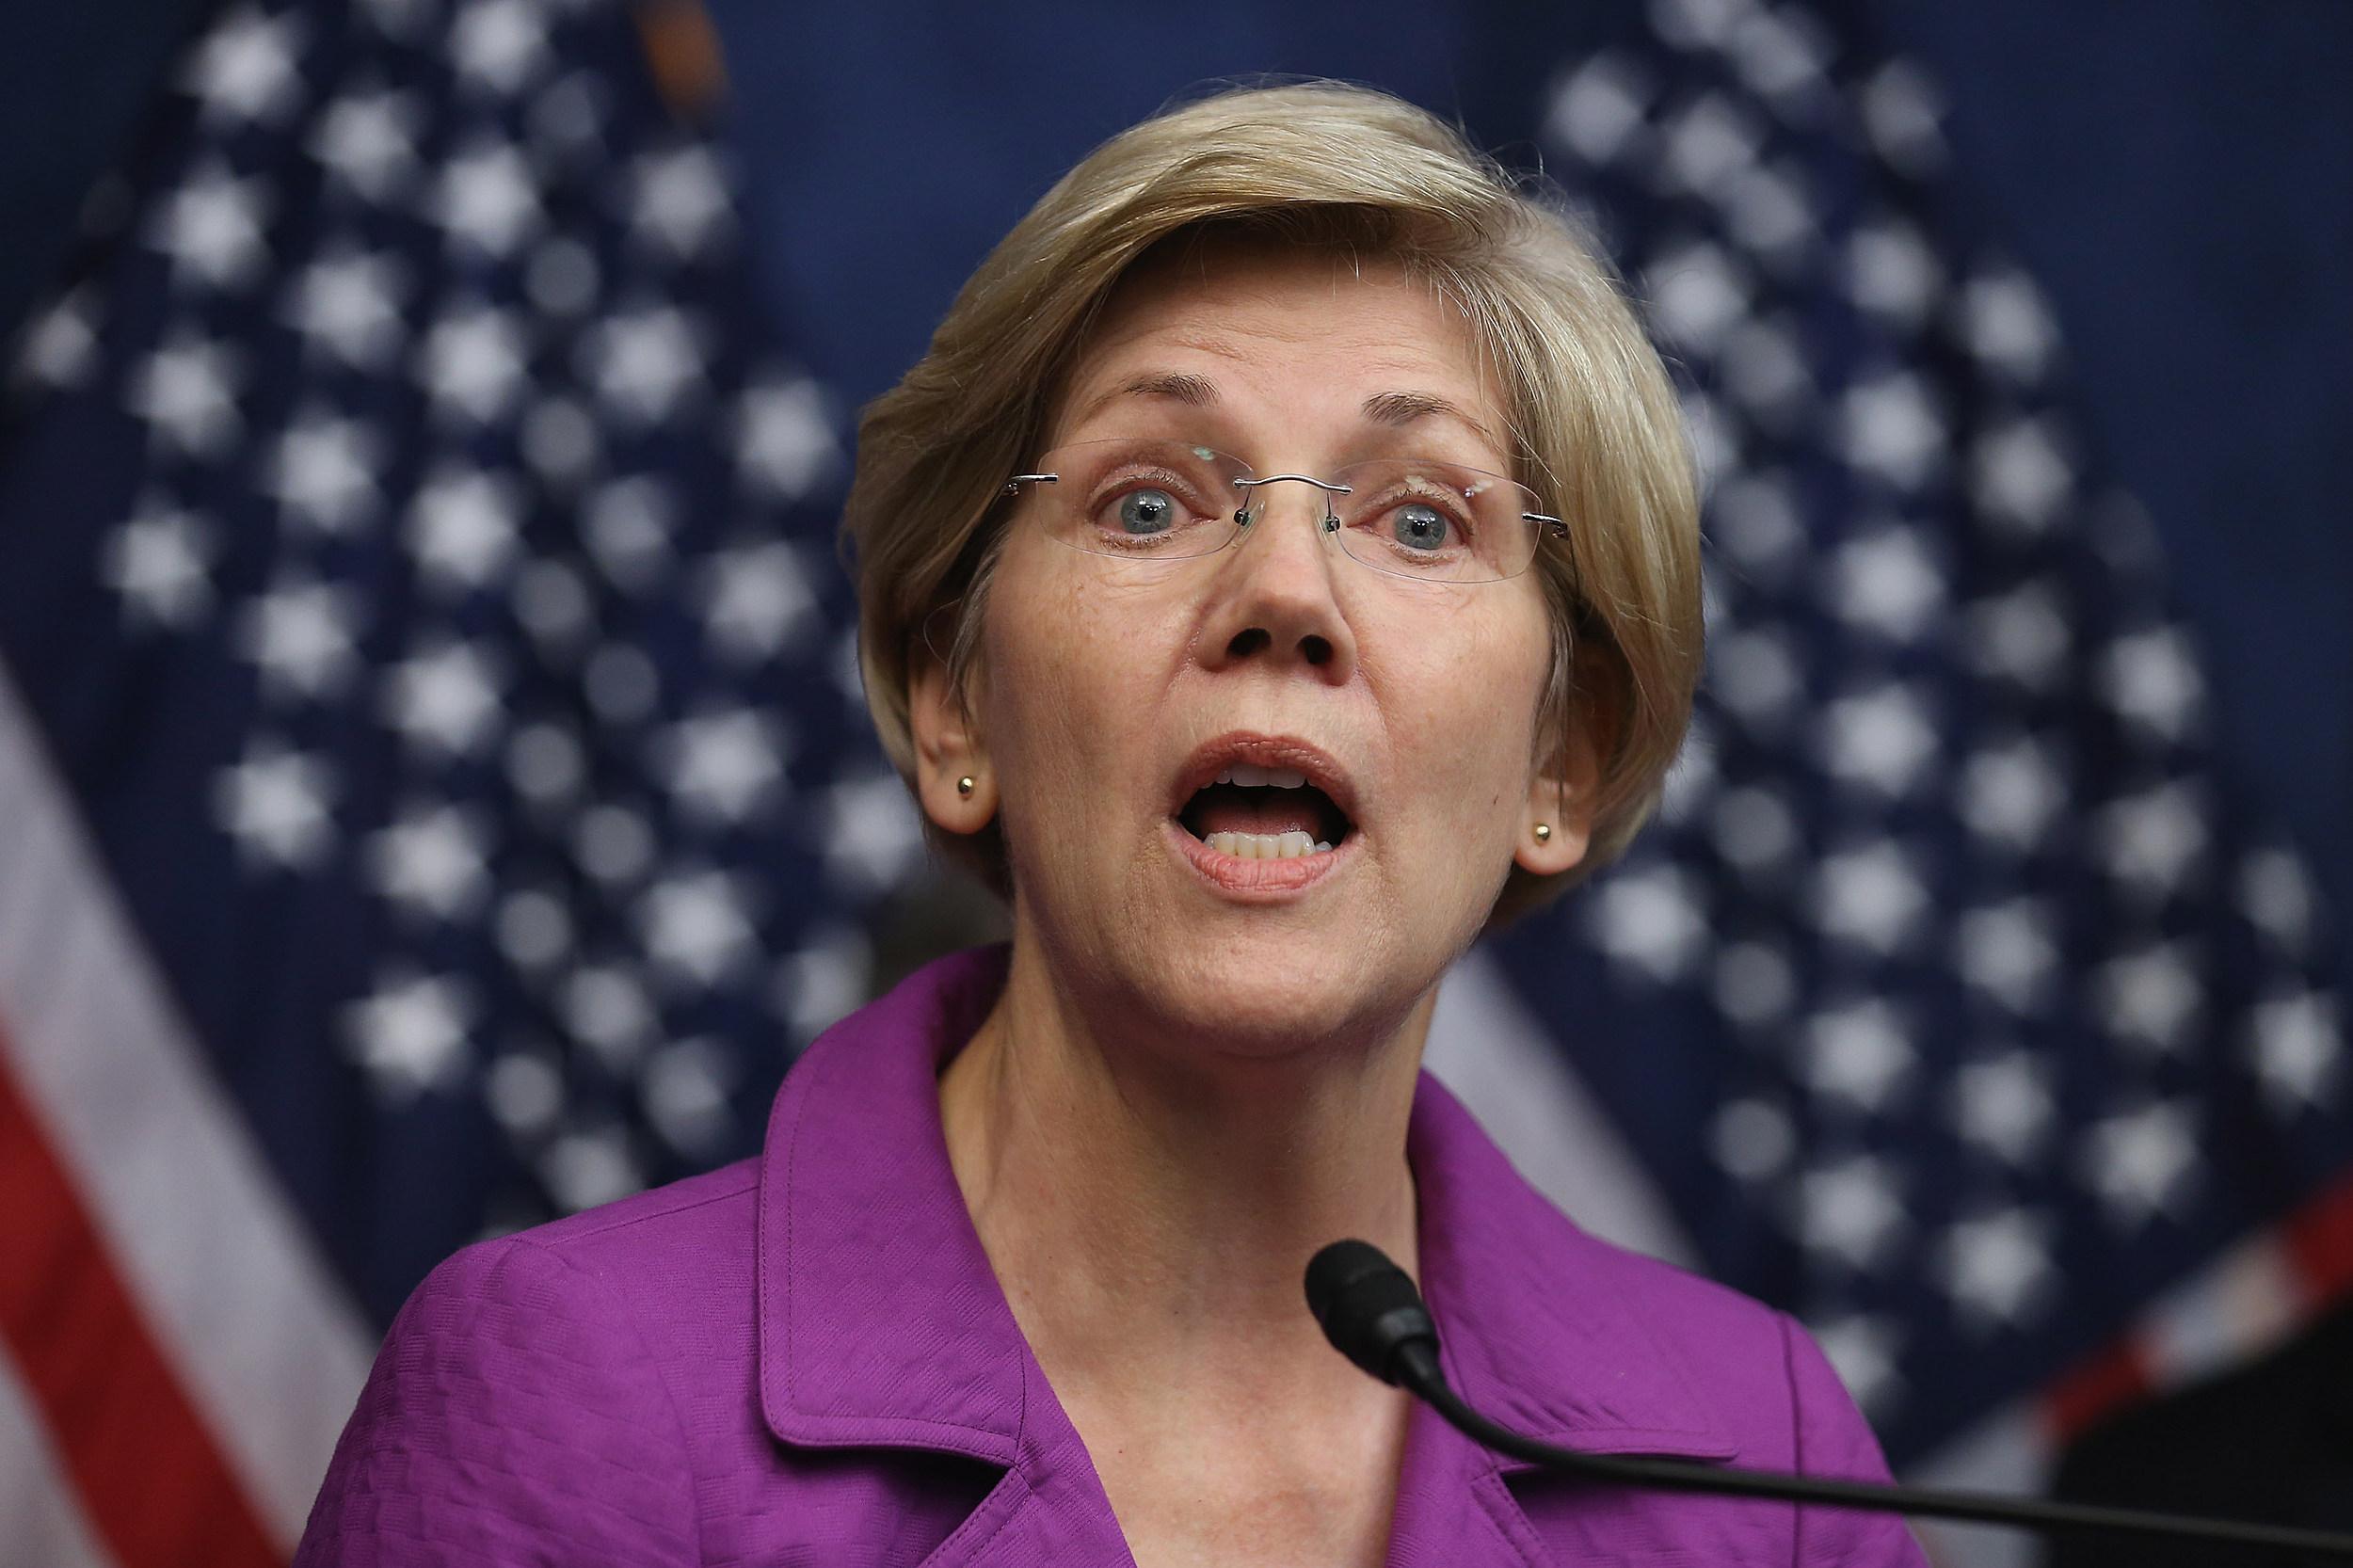 'Trump is a loser': Elizabeth Warren tweetstorms against Donald Trump